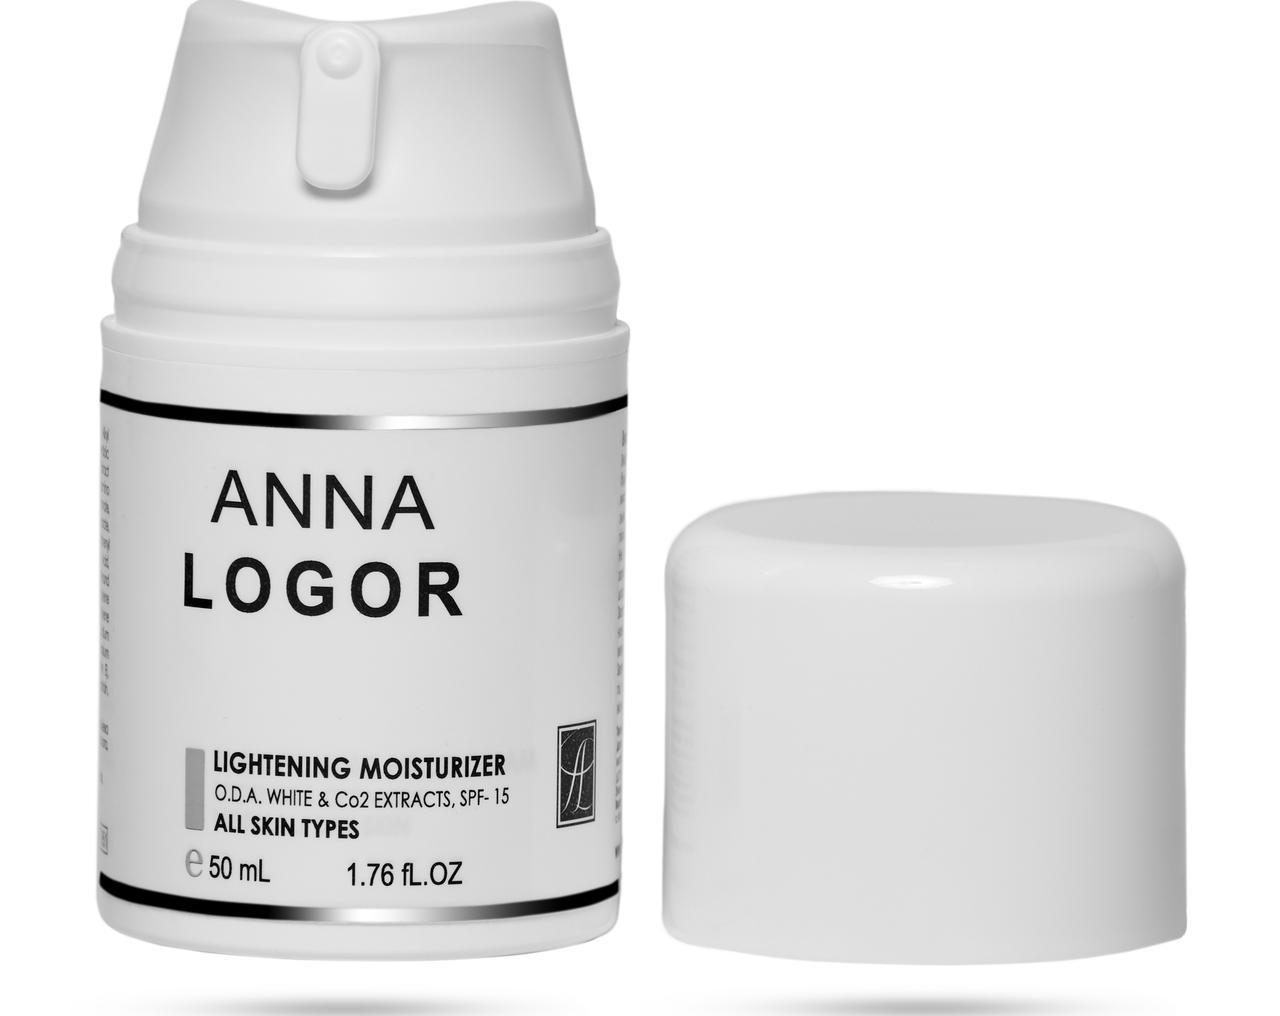 Крем осветляющий Anna LOGOR Lightening Moisturizer 50 ml Art.951